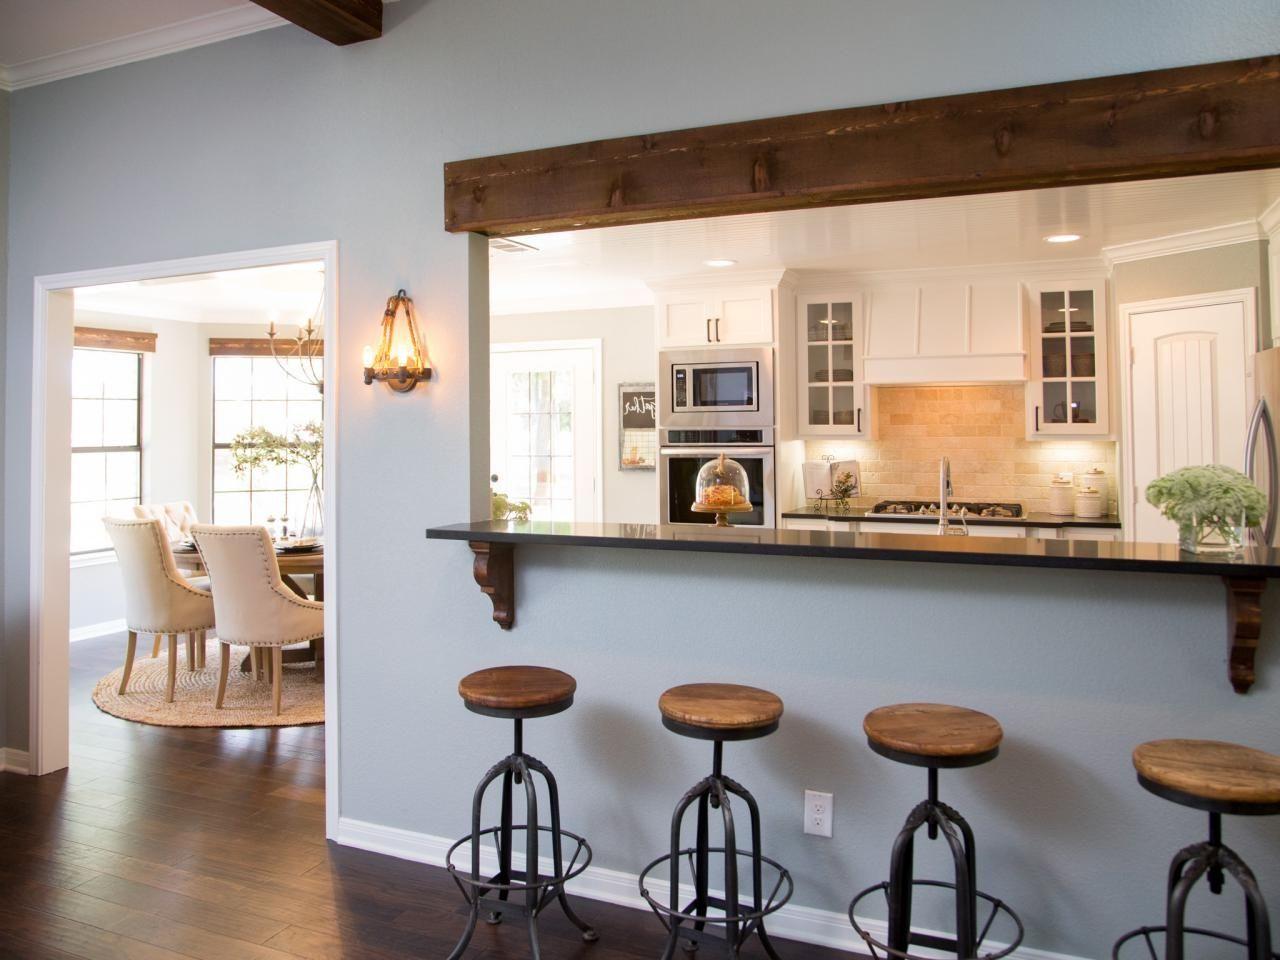 pass through kitchen window sink soap dispenser bottle ideas luxury home decoration